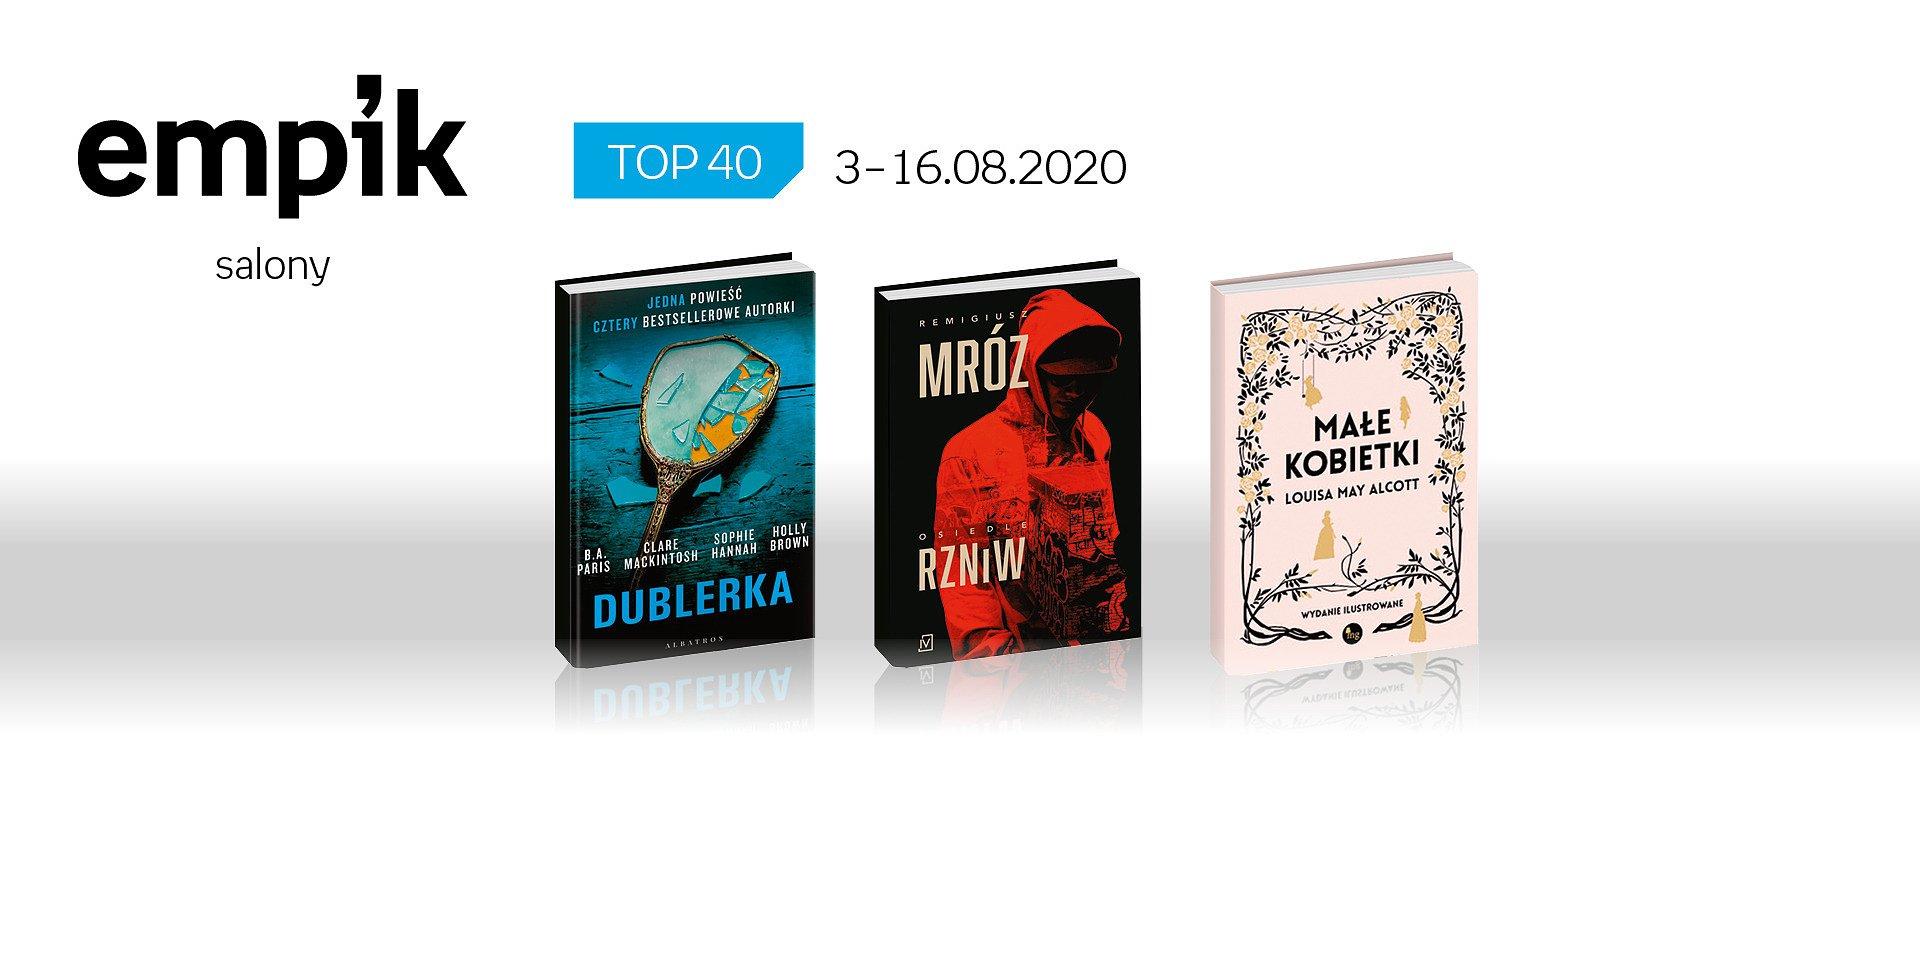 Książkowa lista TOP 40 w salonach Empik za okres 3-16.08.2020